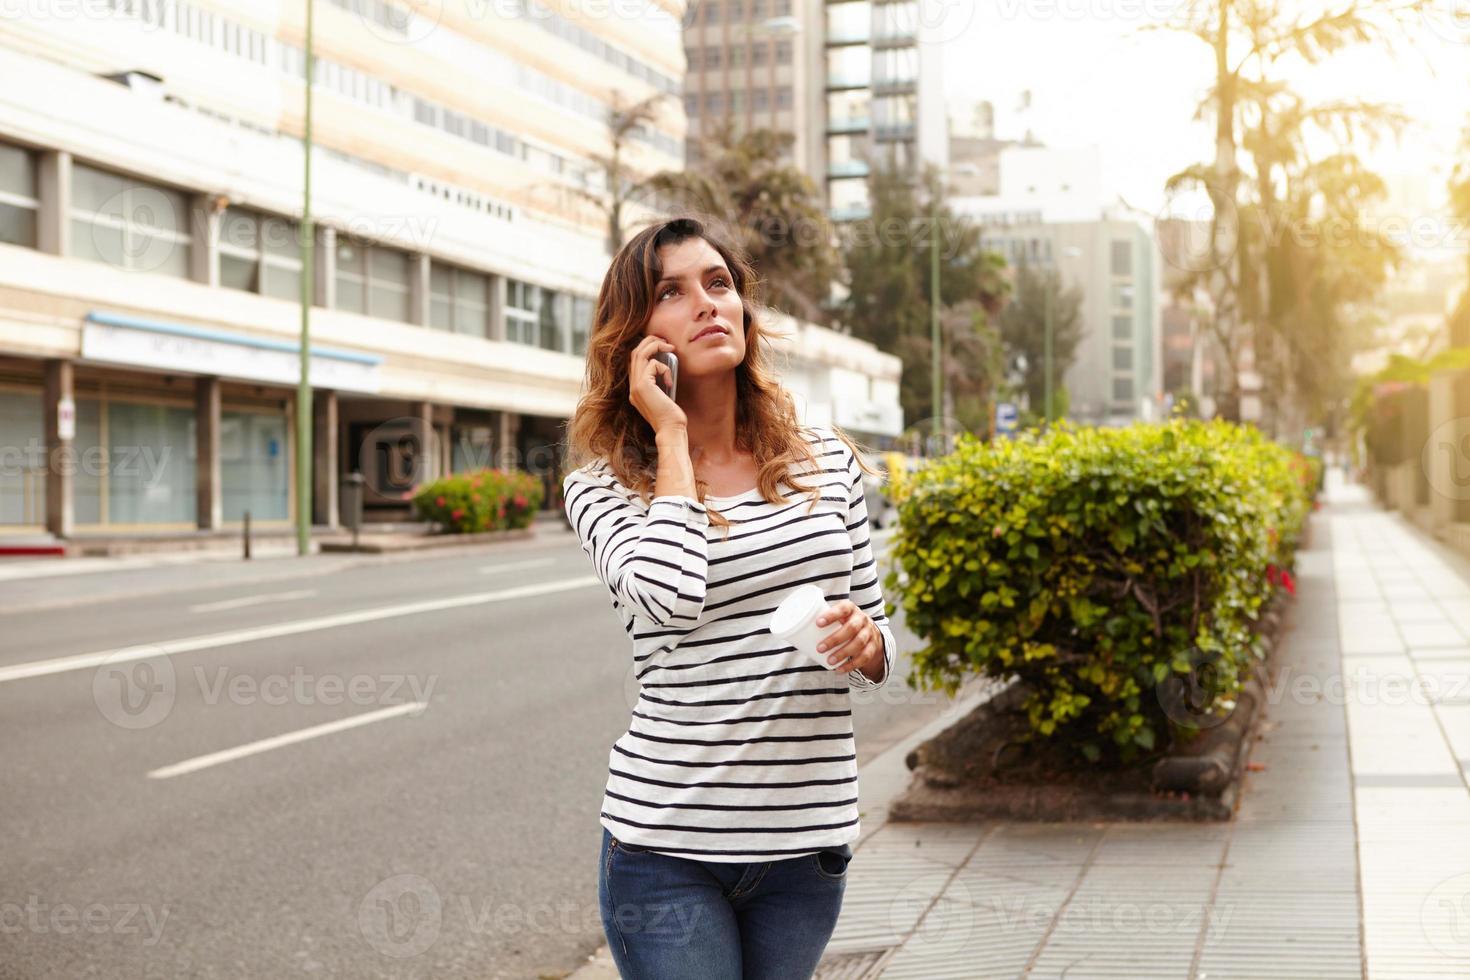 jovem olhando para longe enquanto caminha ao ar livre foto